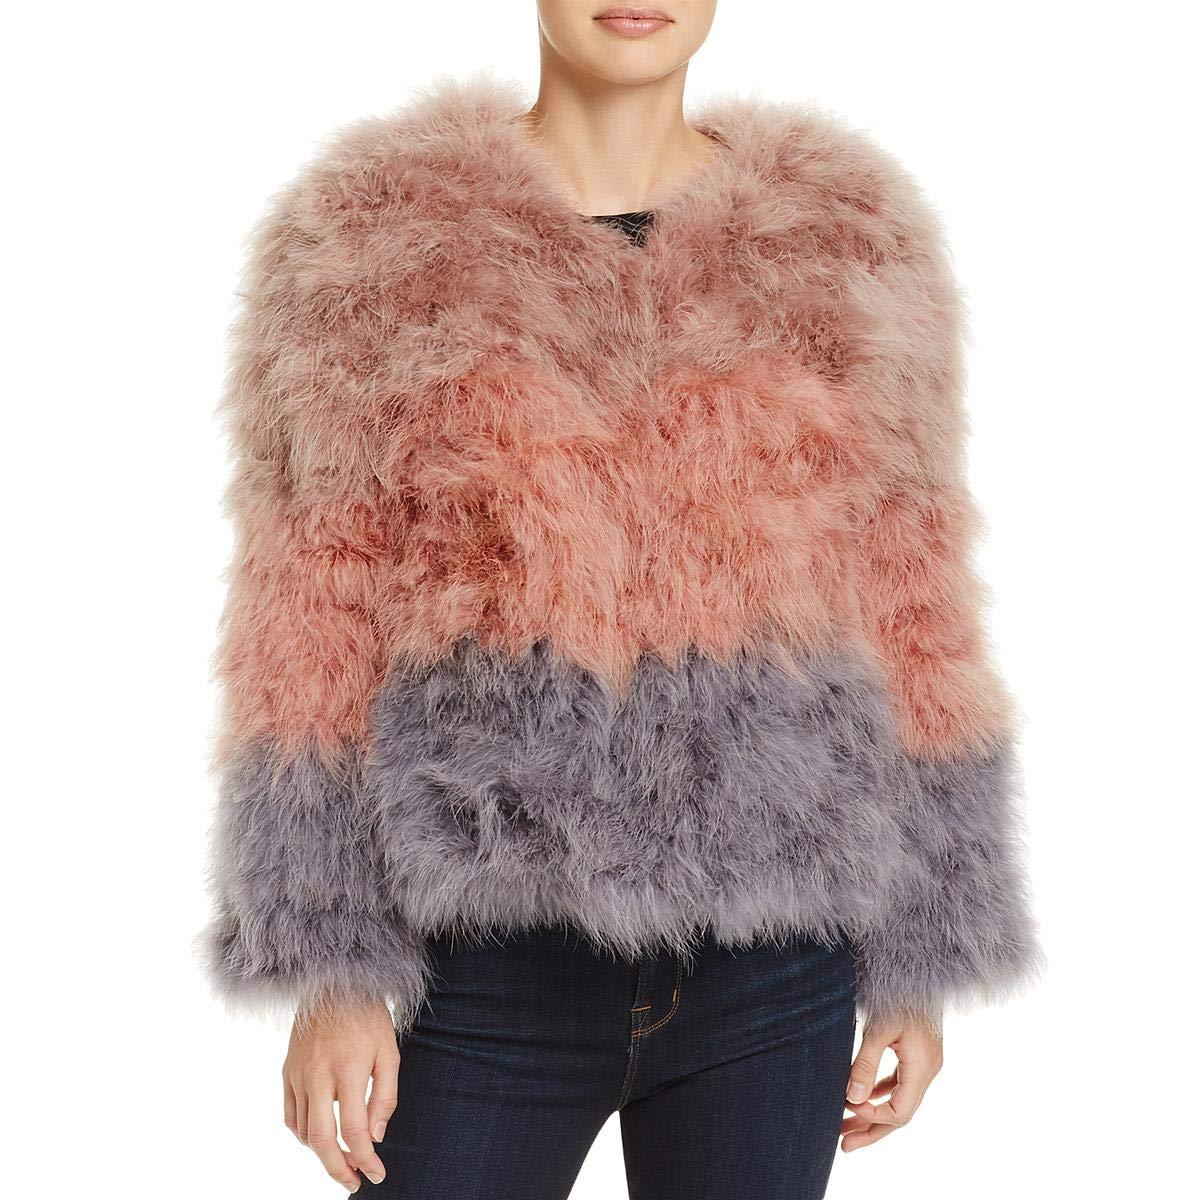 Amazon.com: PelloBello - Chaqueta de plumas para mujer: Clothing